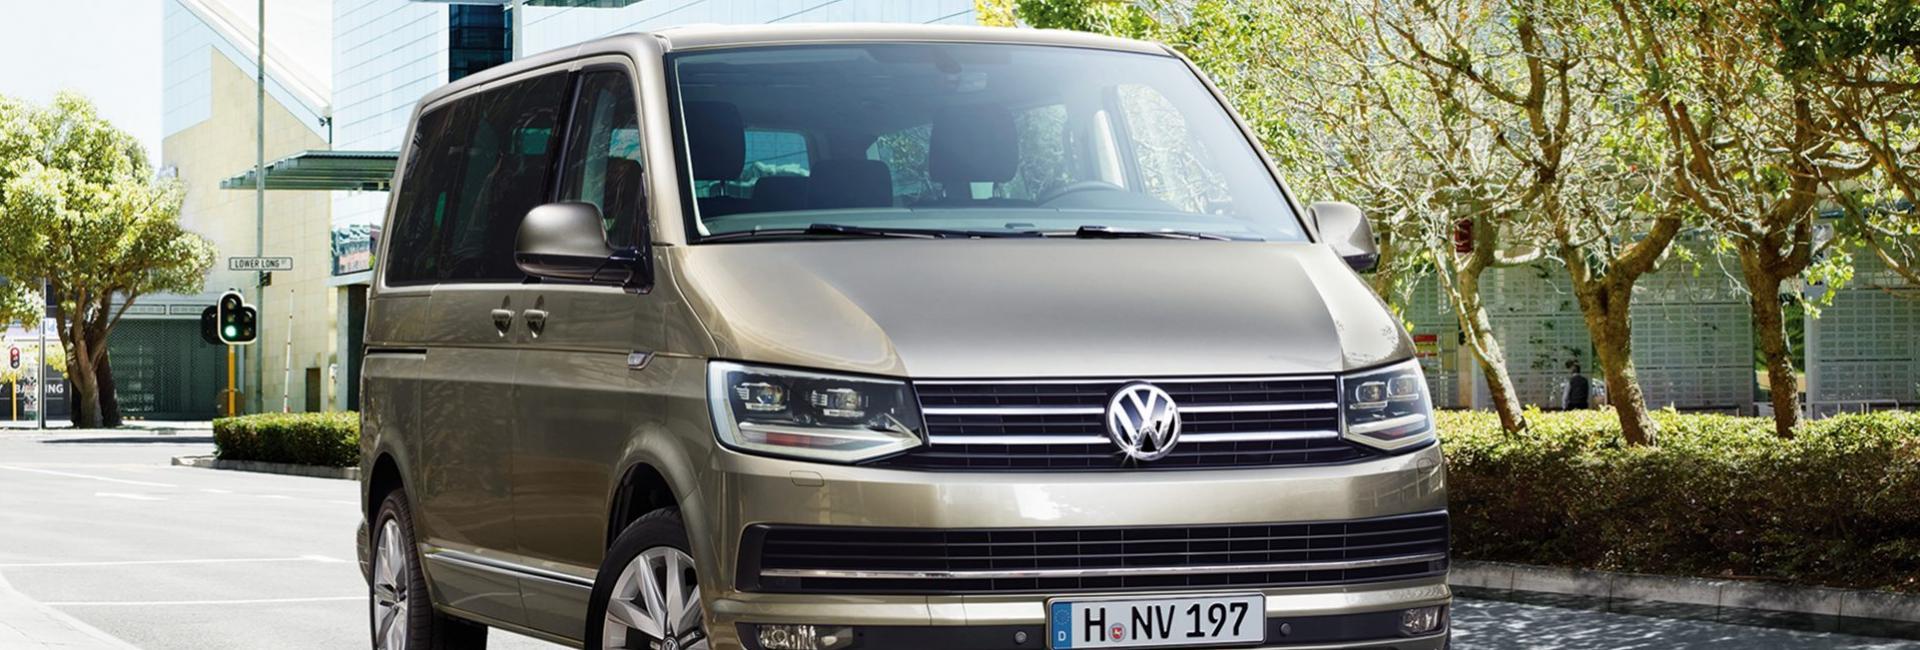 <p>Volkswagen CARAVELLE (9 places)</p>